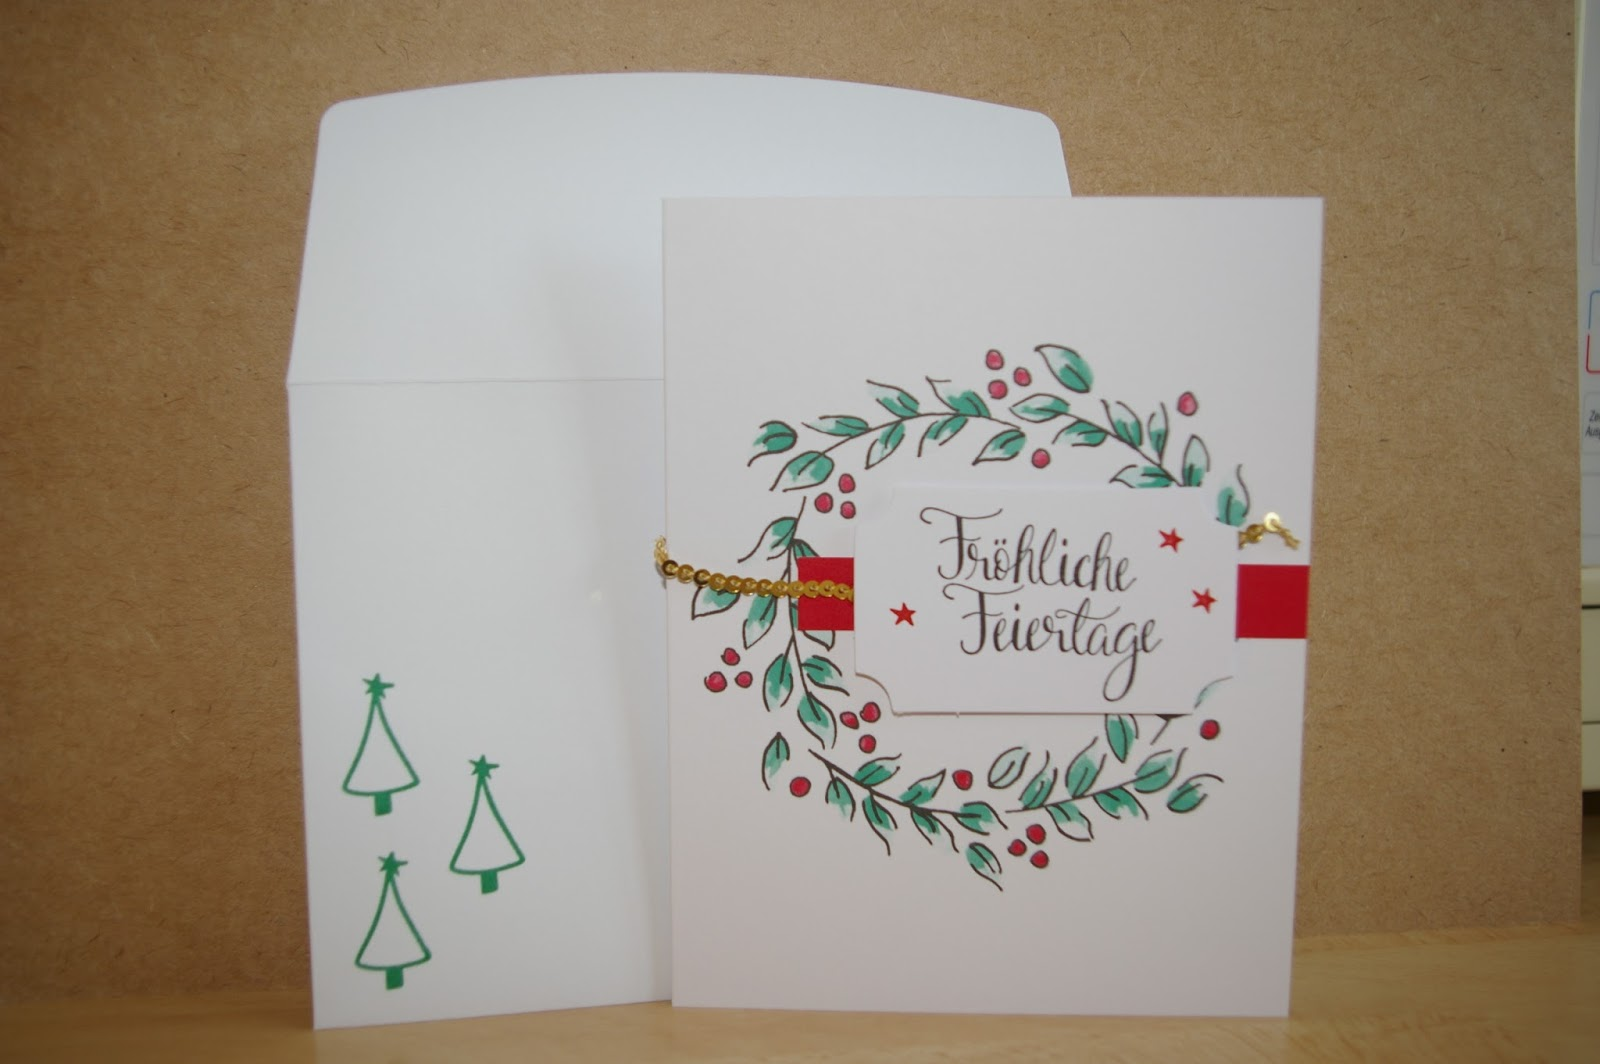 Großartig Edle Weihnachtskarten Basteln Das Beste Von Das Goldene Pailettenband Ist Wirklich Ein Edler